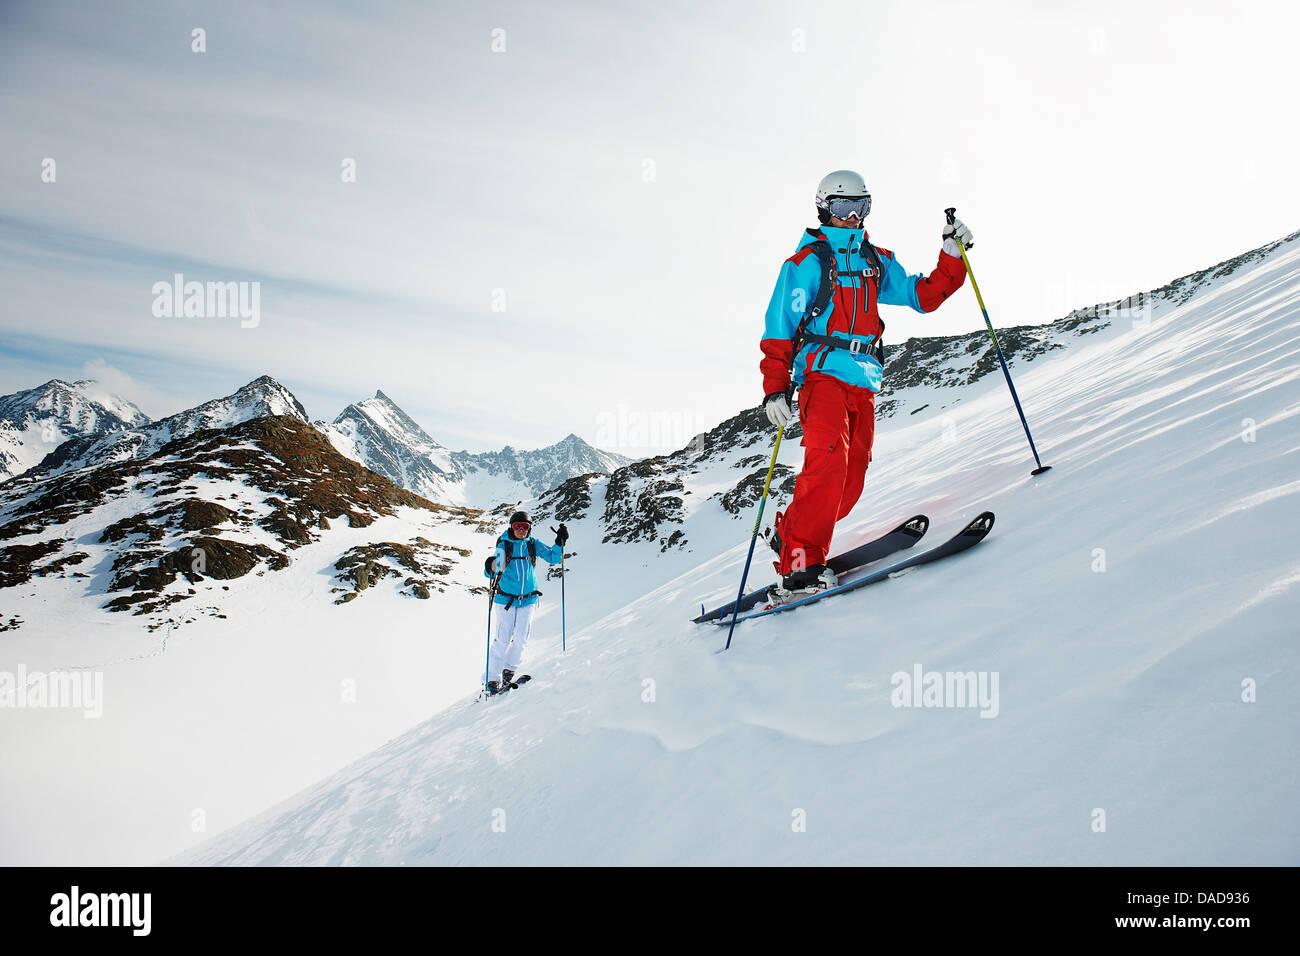 Los esquiadores ascendiendo, Kuhtai, Austria Imagen De Stock